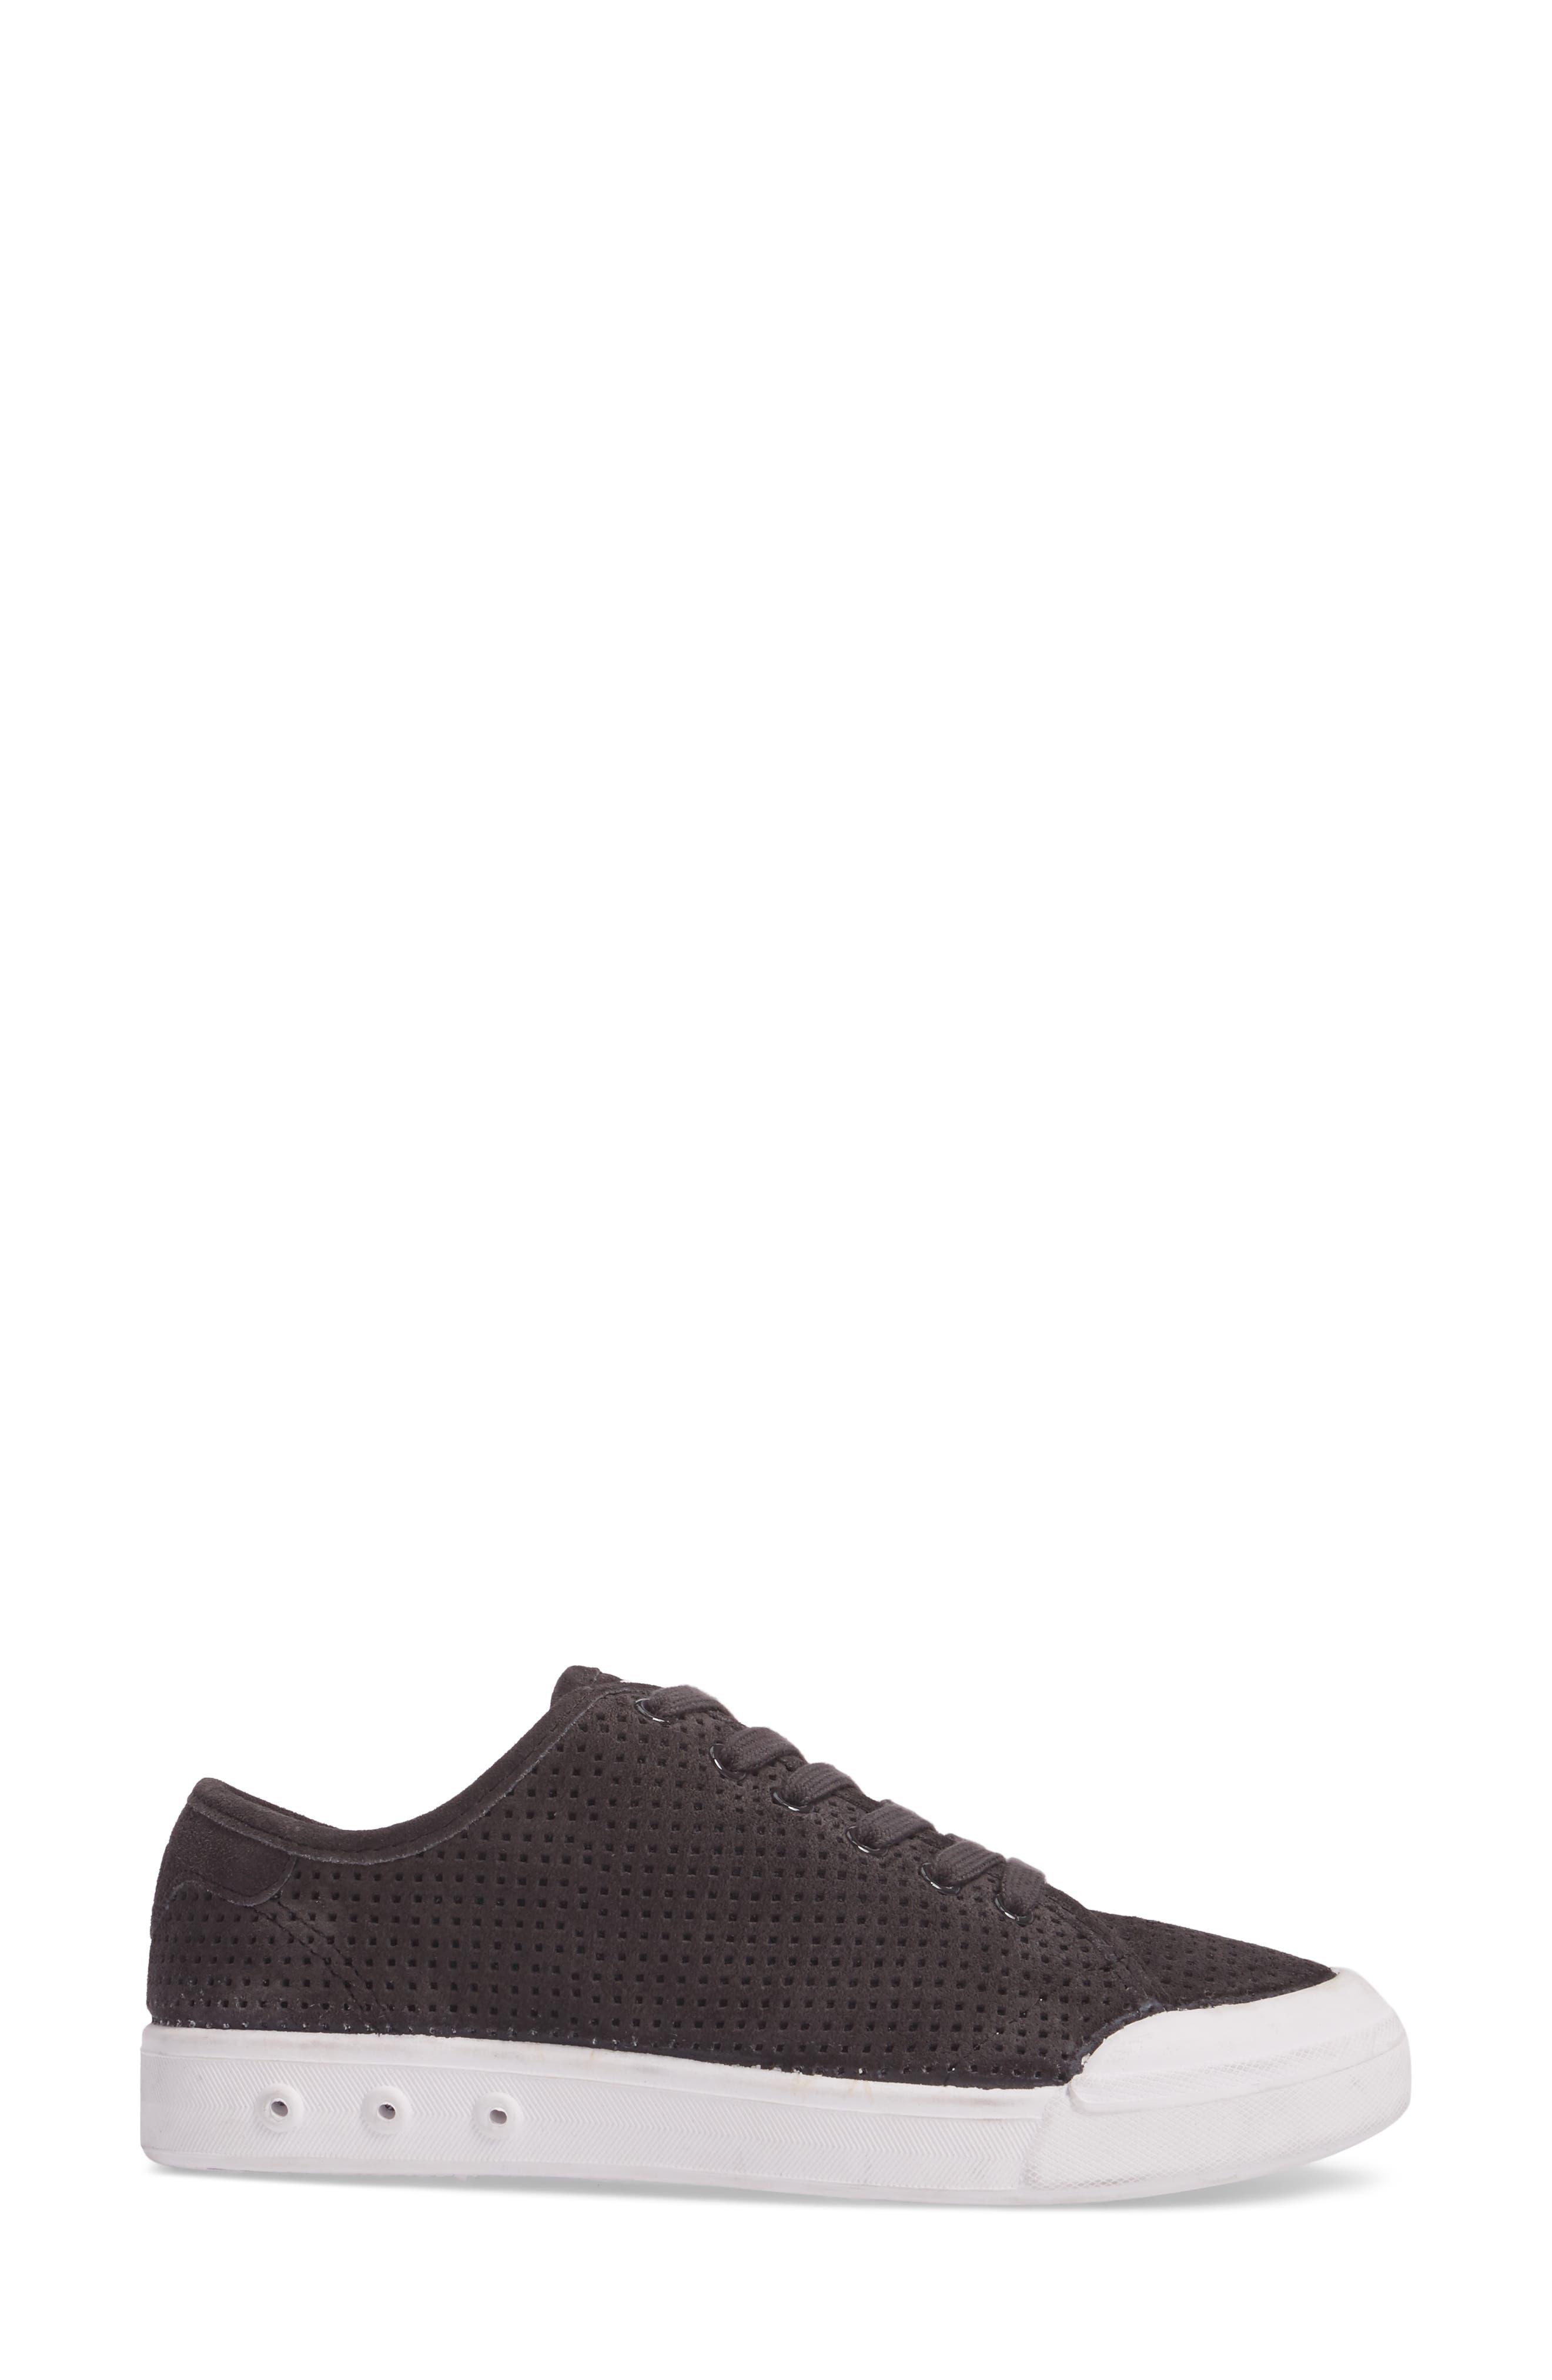 Standard Issue Sneaker,                             Alternate thumbnail 3, color,                             068